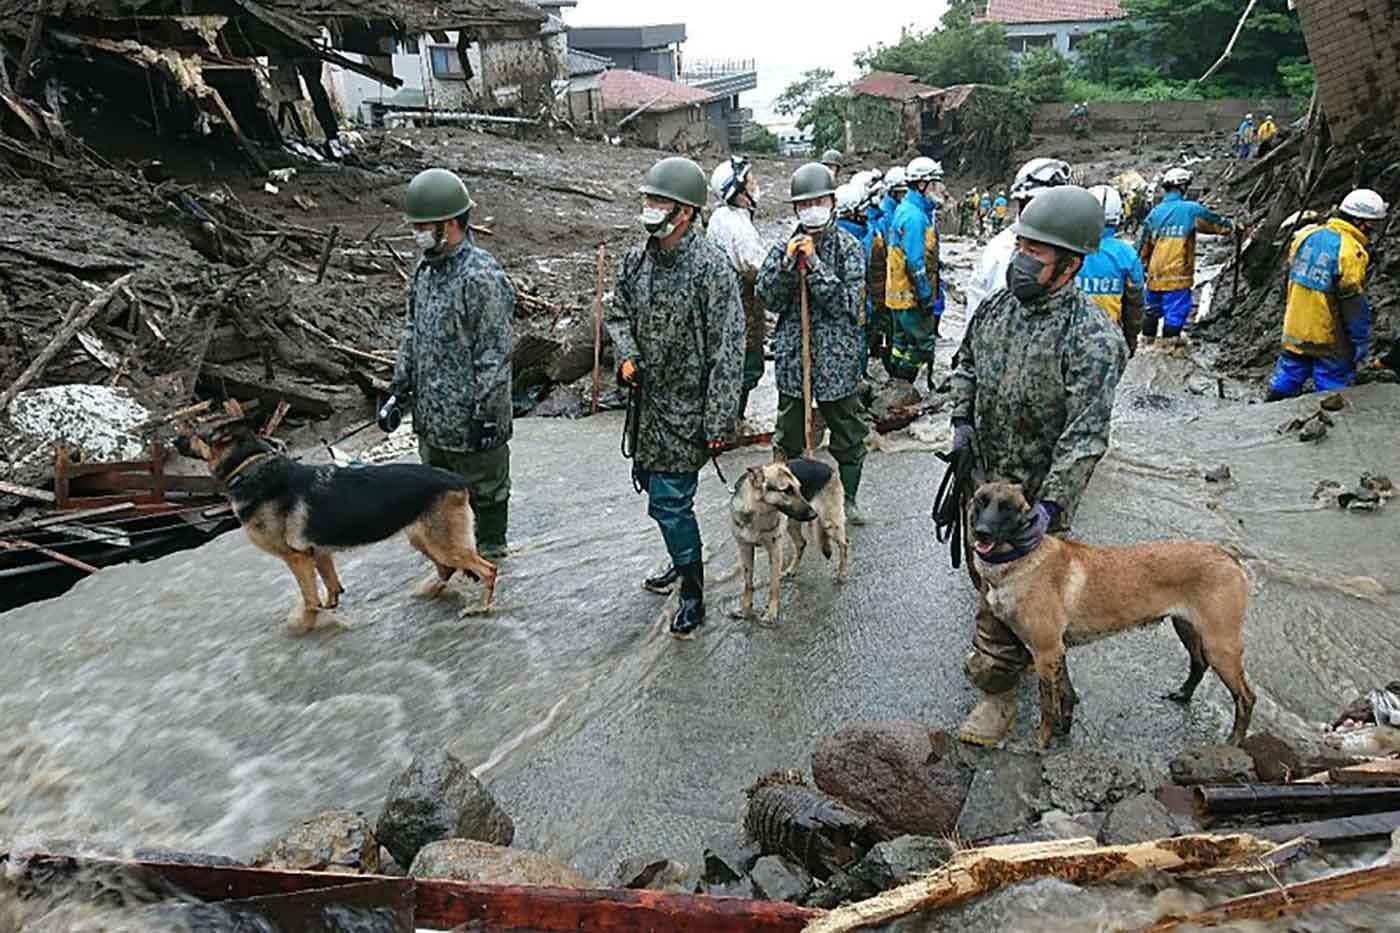 熱海の被災地で捜索活動をする災害救助犬